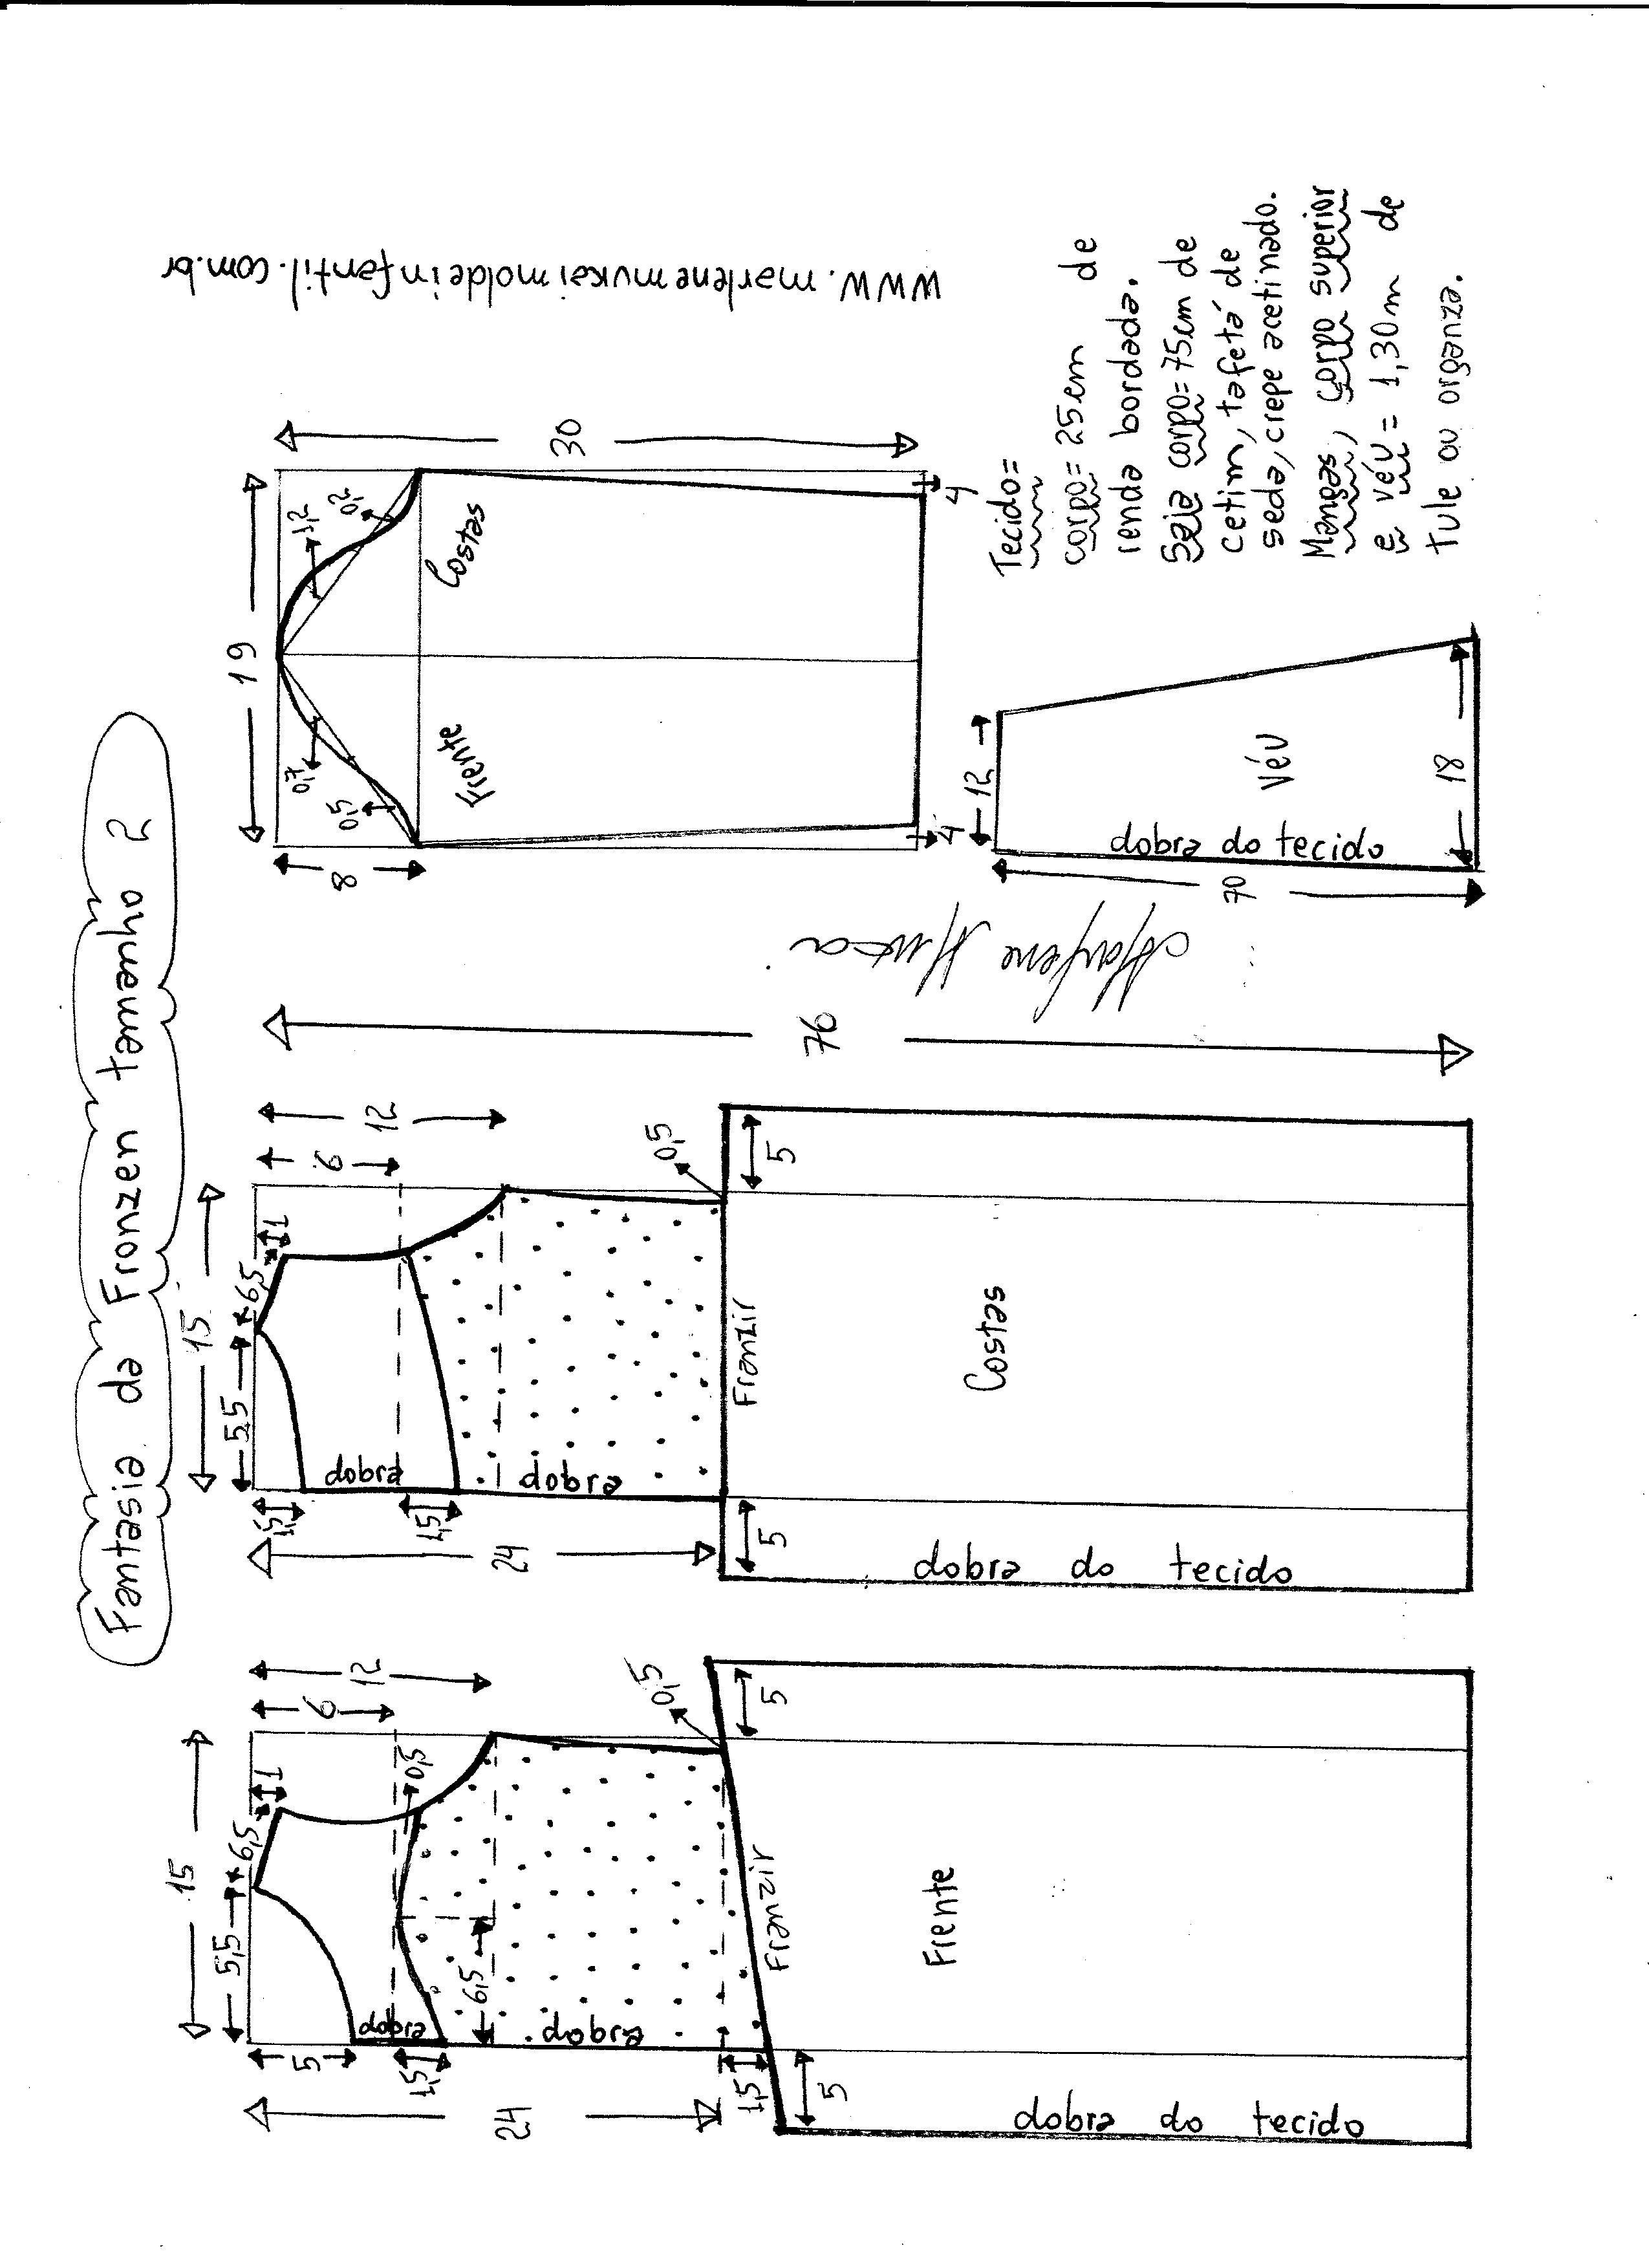 Esquema de modelagem de vestido fantasia fronzen tamanho 2.